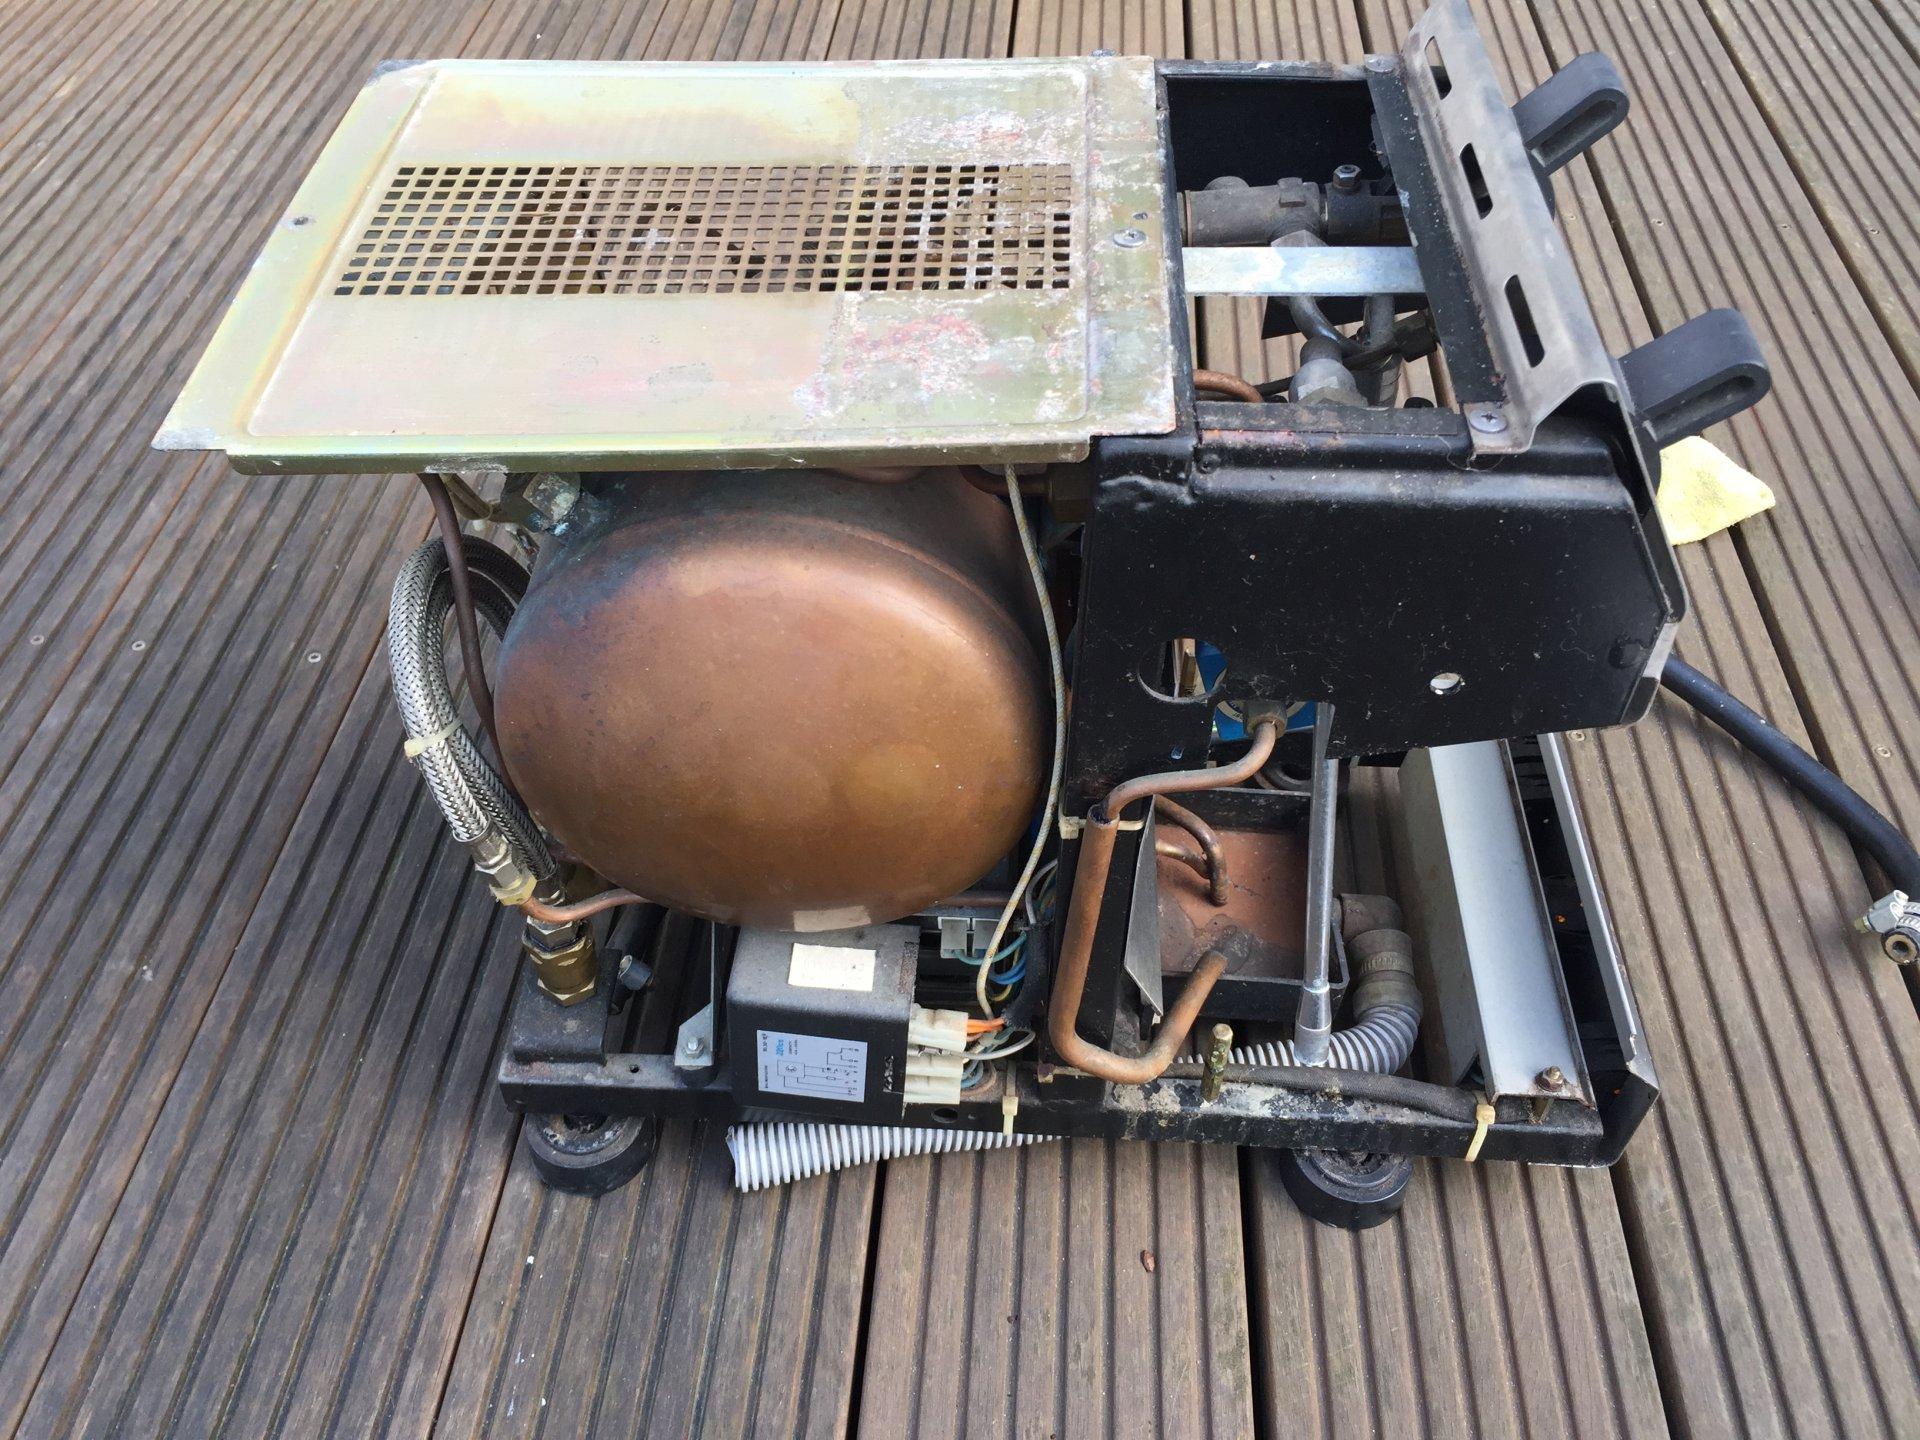 A703CC20-BA20-471A-8E43-2C8A7AB8D719.jpeg